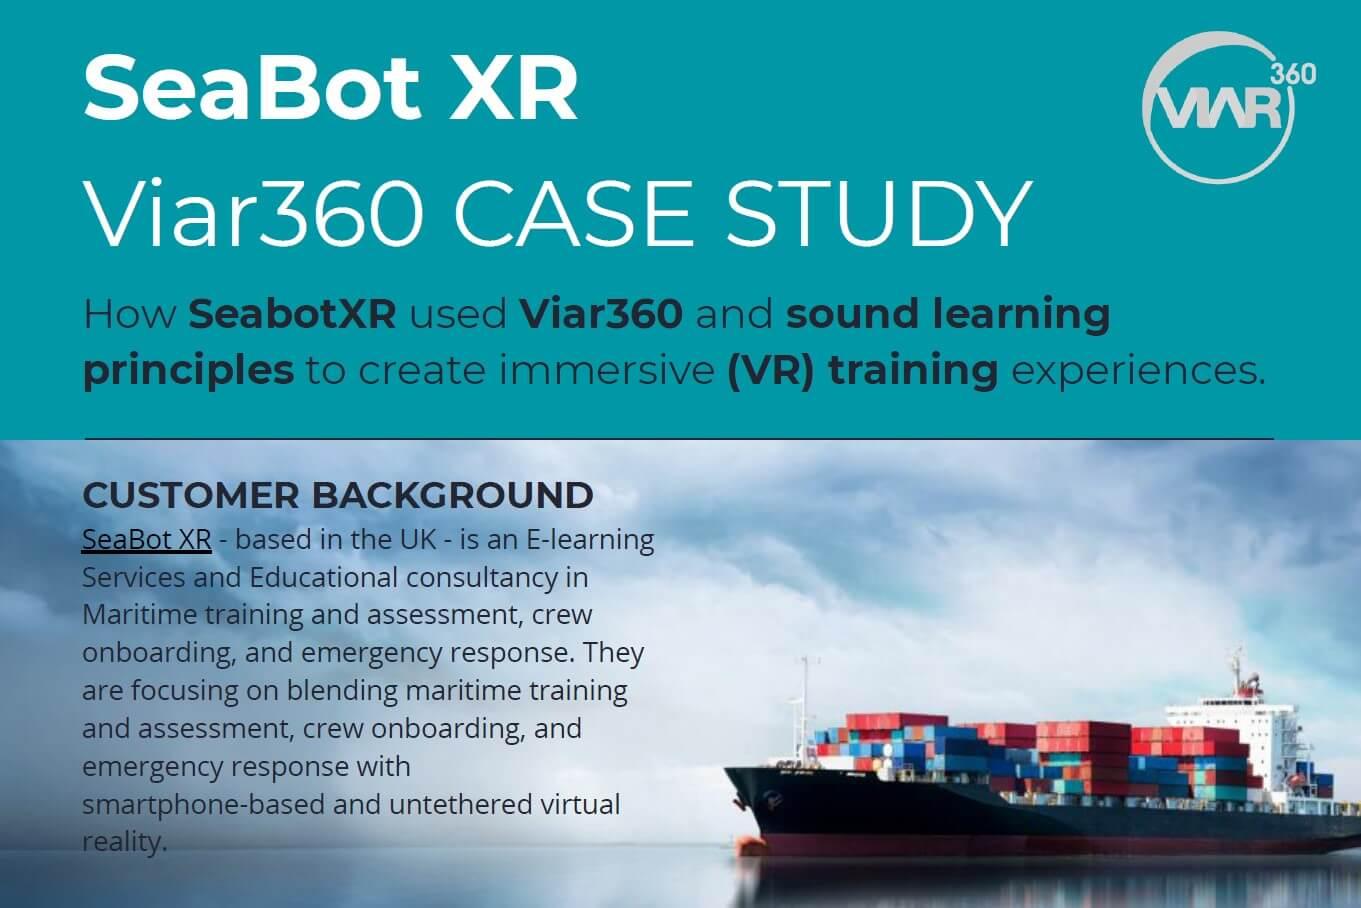 SeaBot XR Case Study